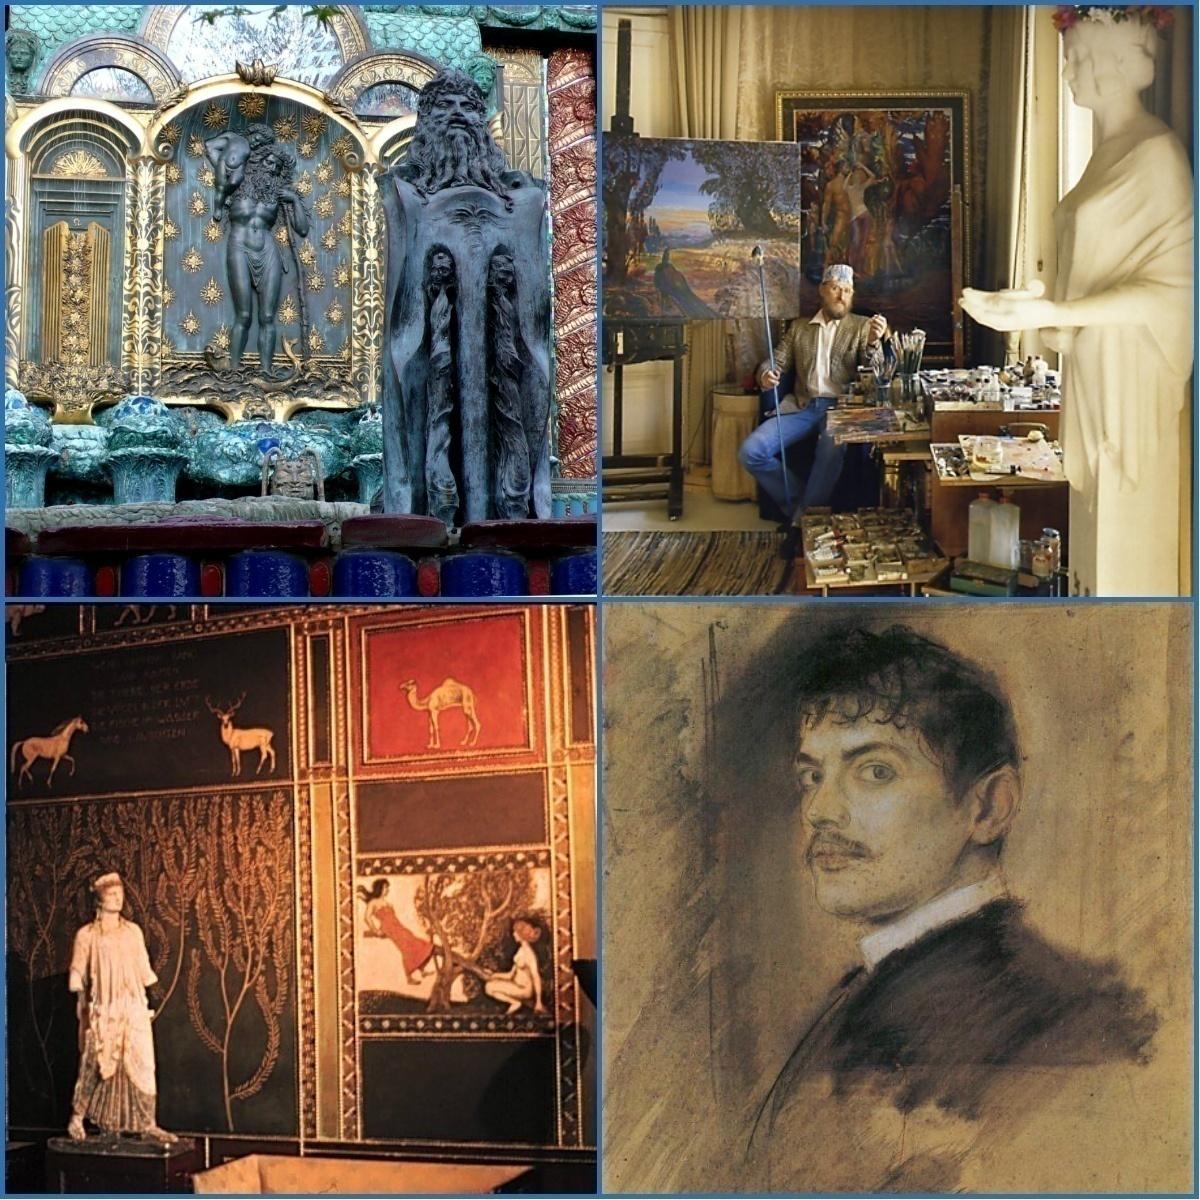 Художники и виллы (ч.2) – городские виды: Франц фон Штук и Энст Фукс приглашают